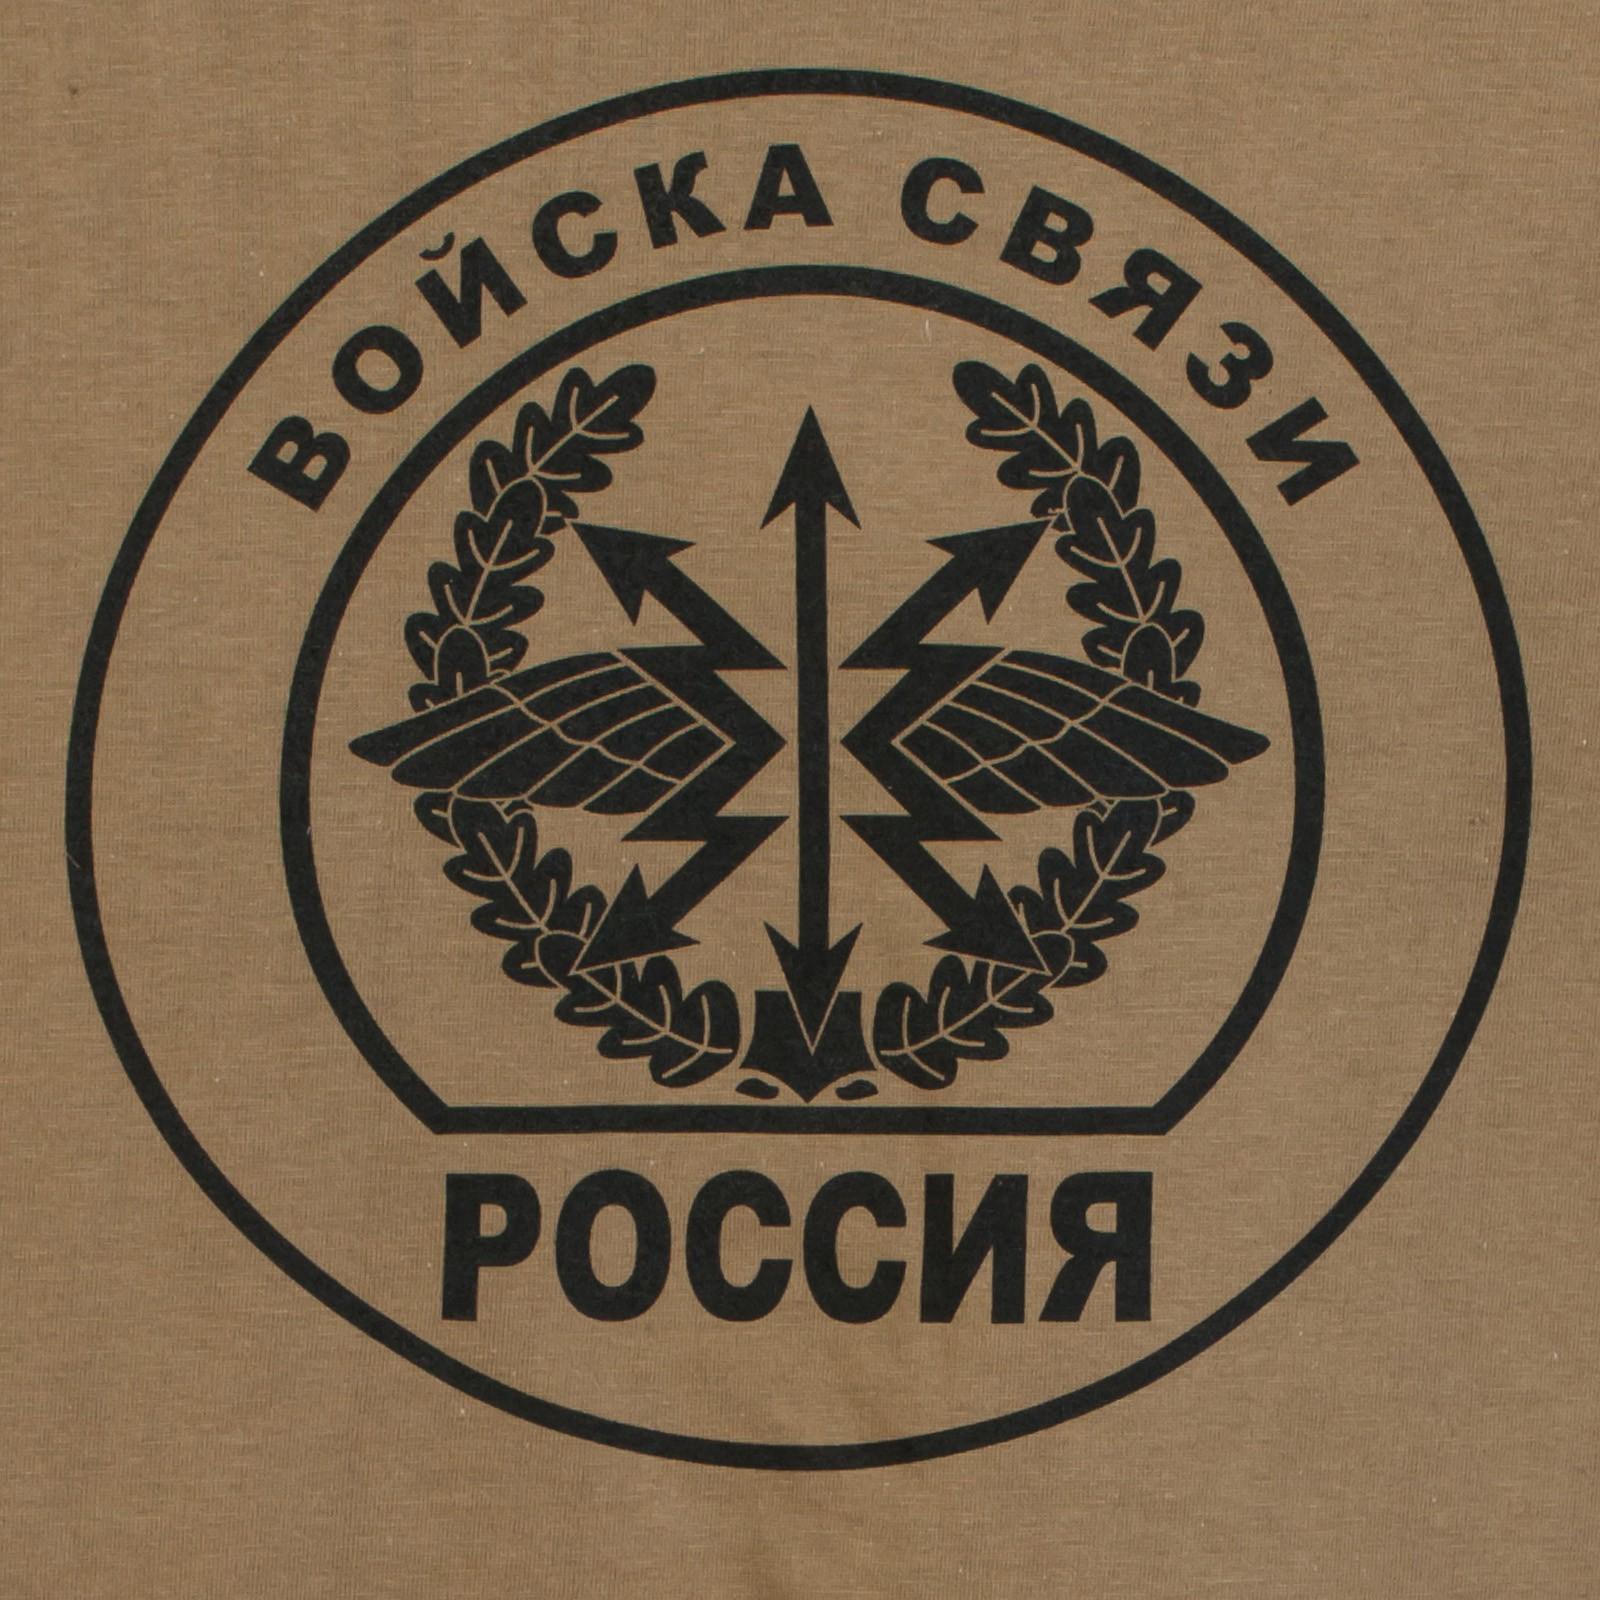 Футболка с эмблемой Войск связи с доставкой